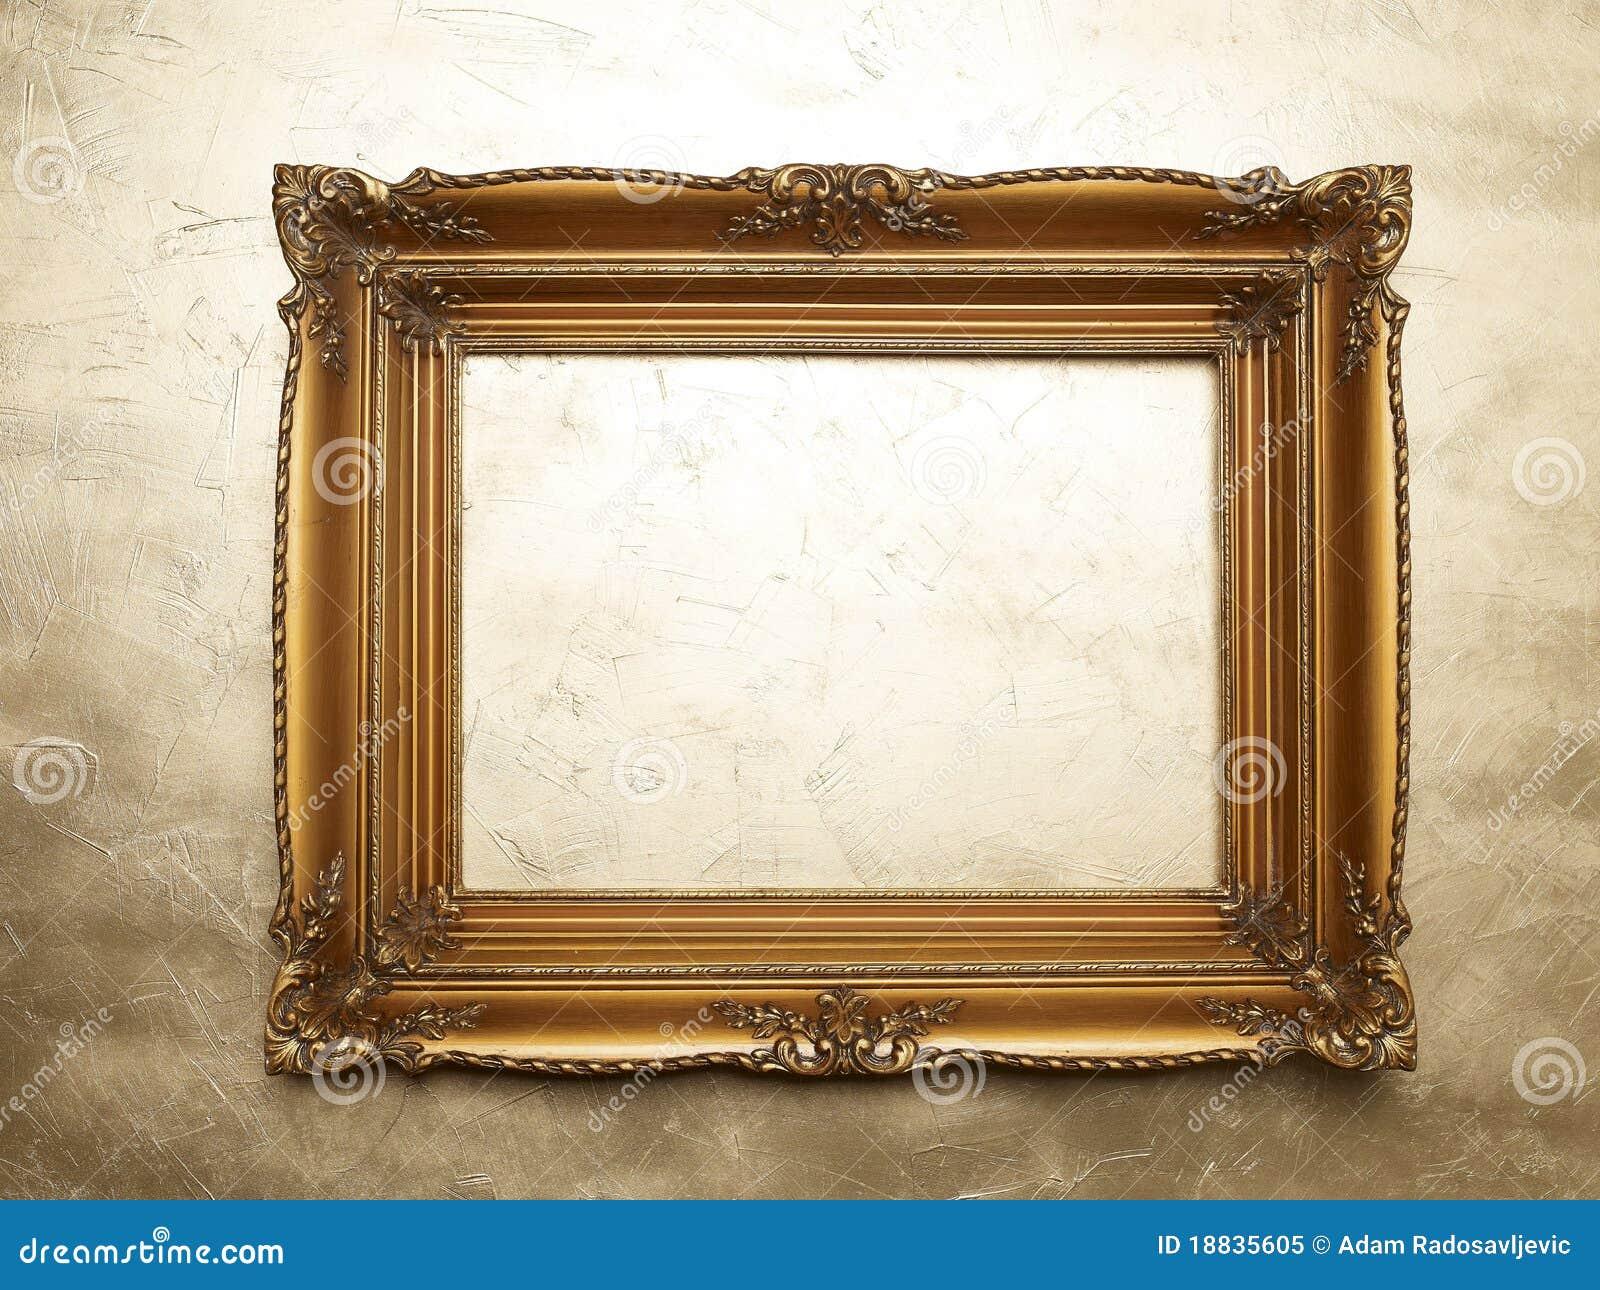 ppt 背景 背景图片 边框 家具 镜子 模板 设计 梳妆台 相框 1300_1065图片